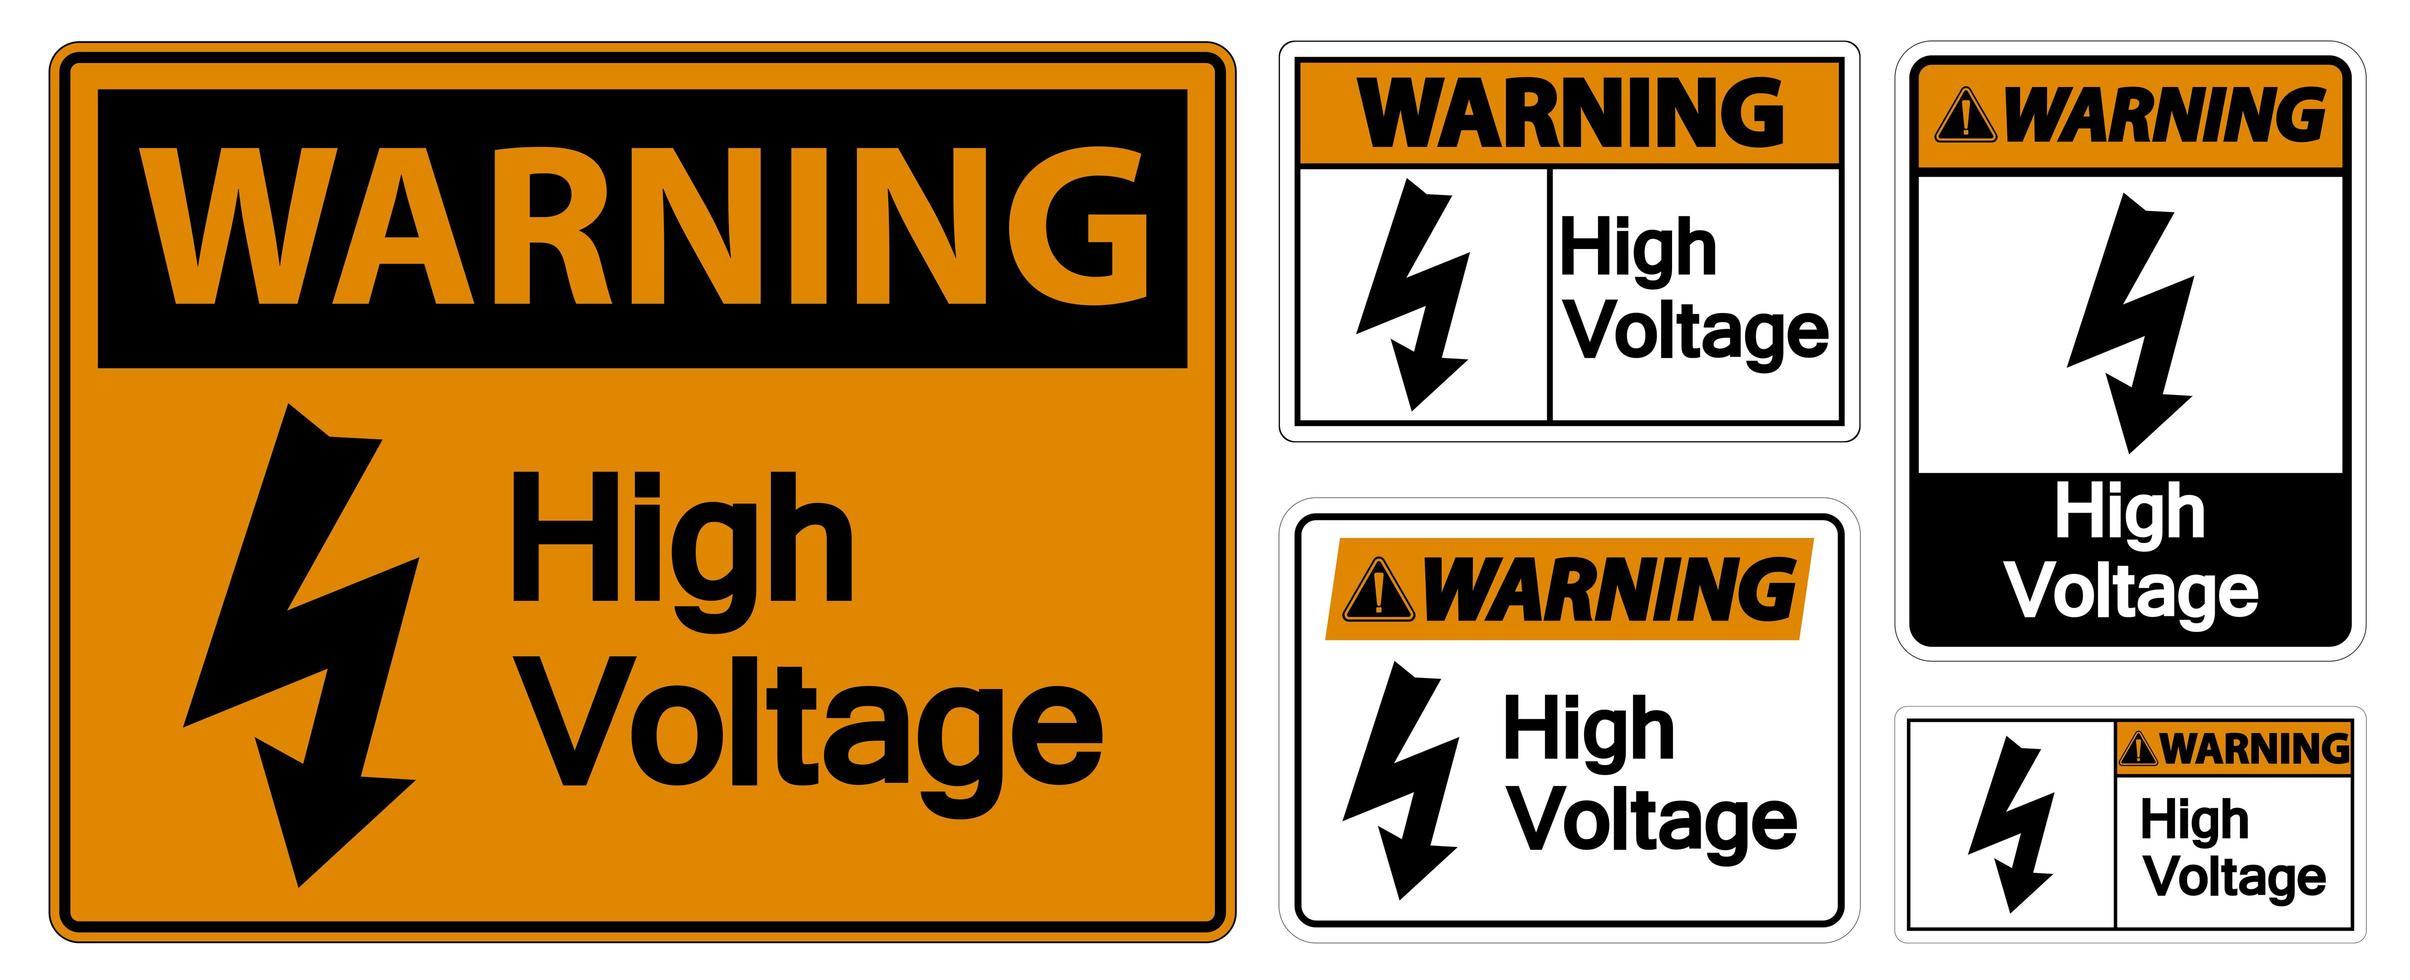 ensemble de panneaux d'avertissement haute tension vecteur